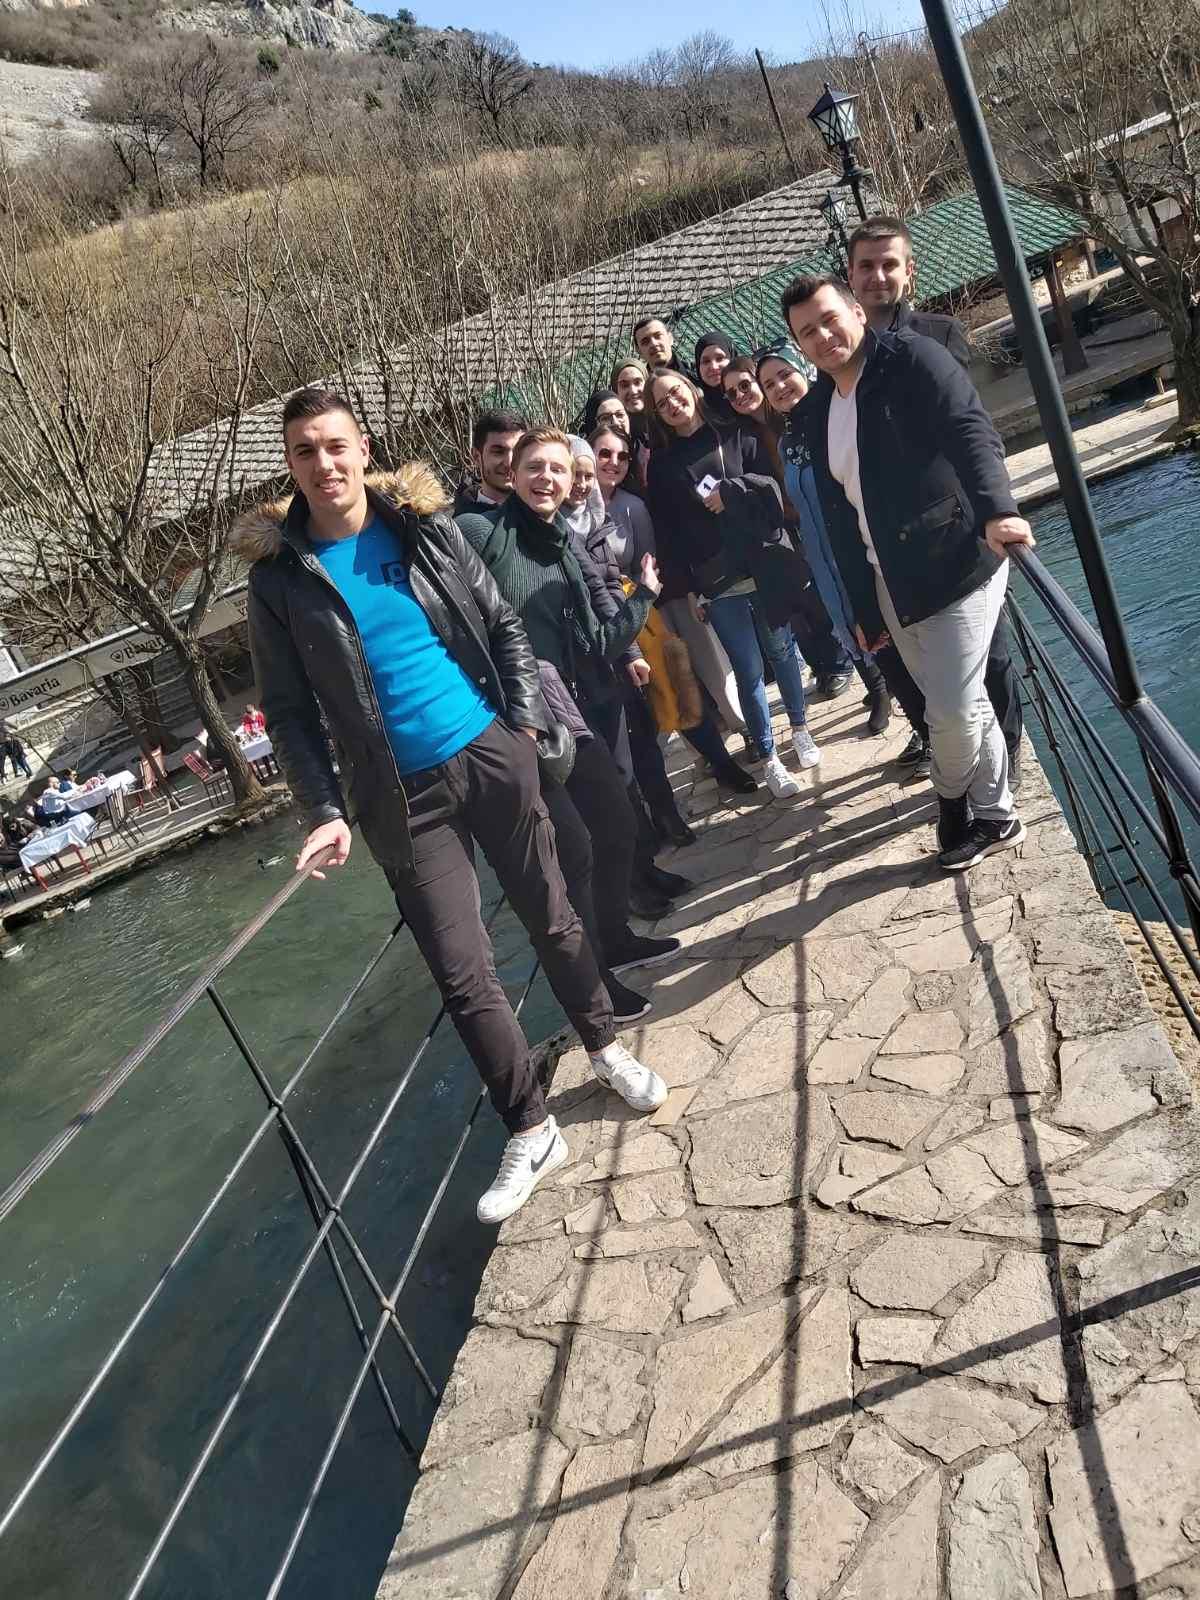 Vrsnjacko mentorstvo trening Mostar 2020c